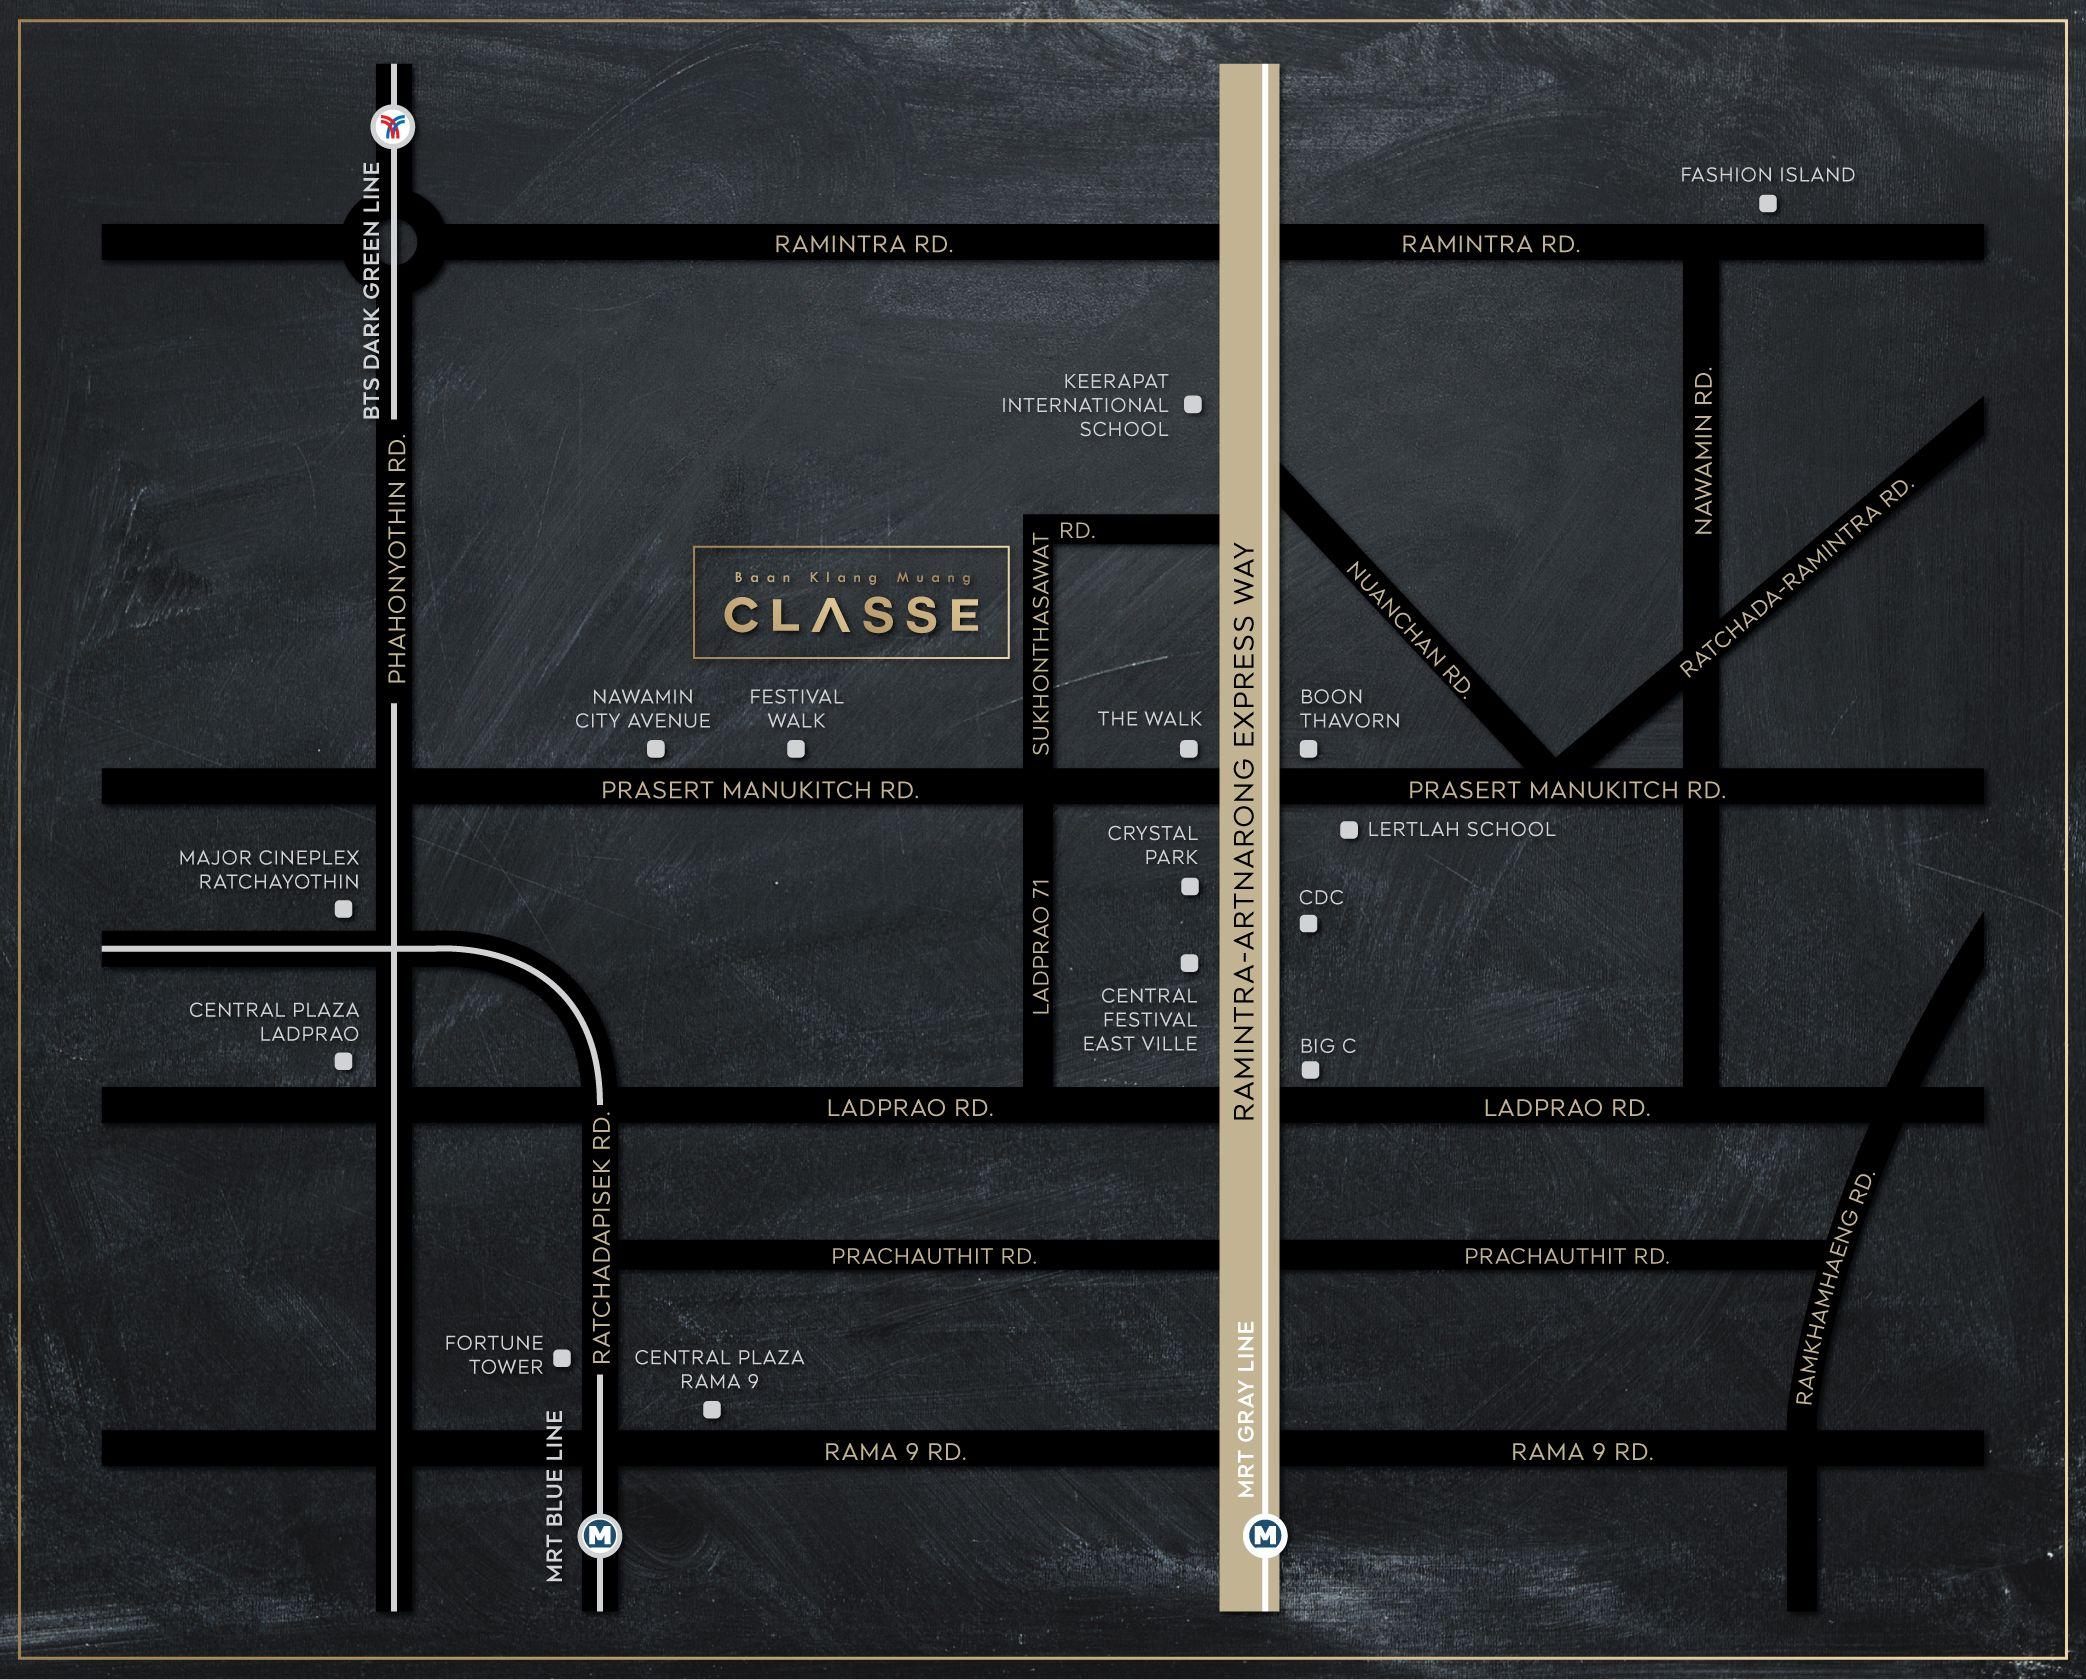 5-bkm-classe-map